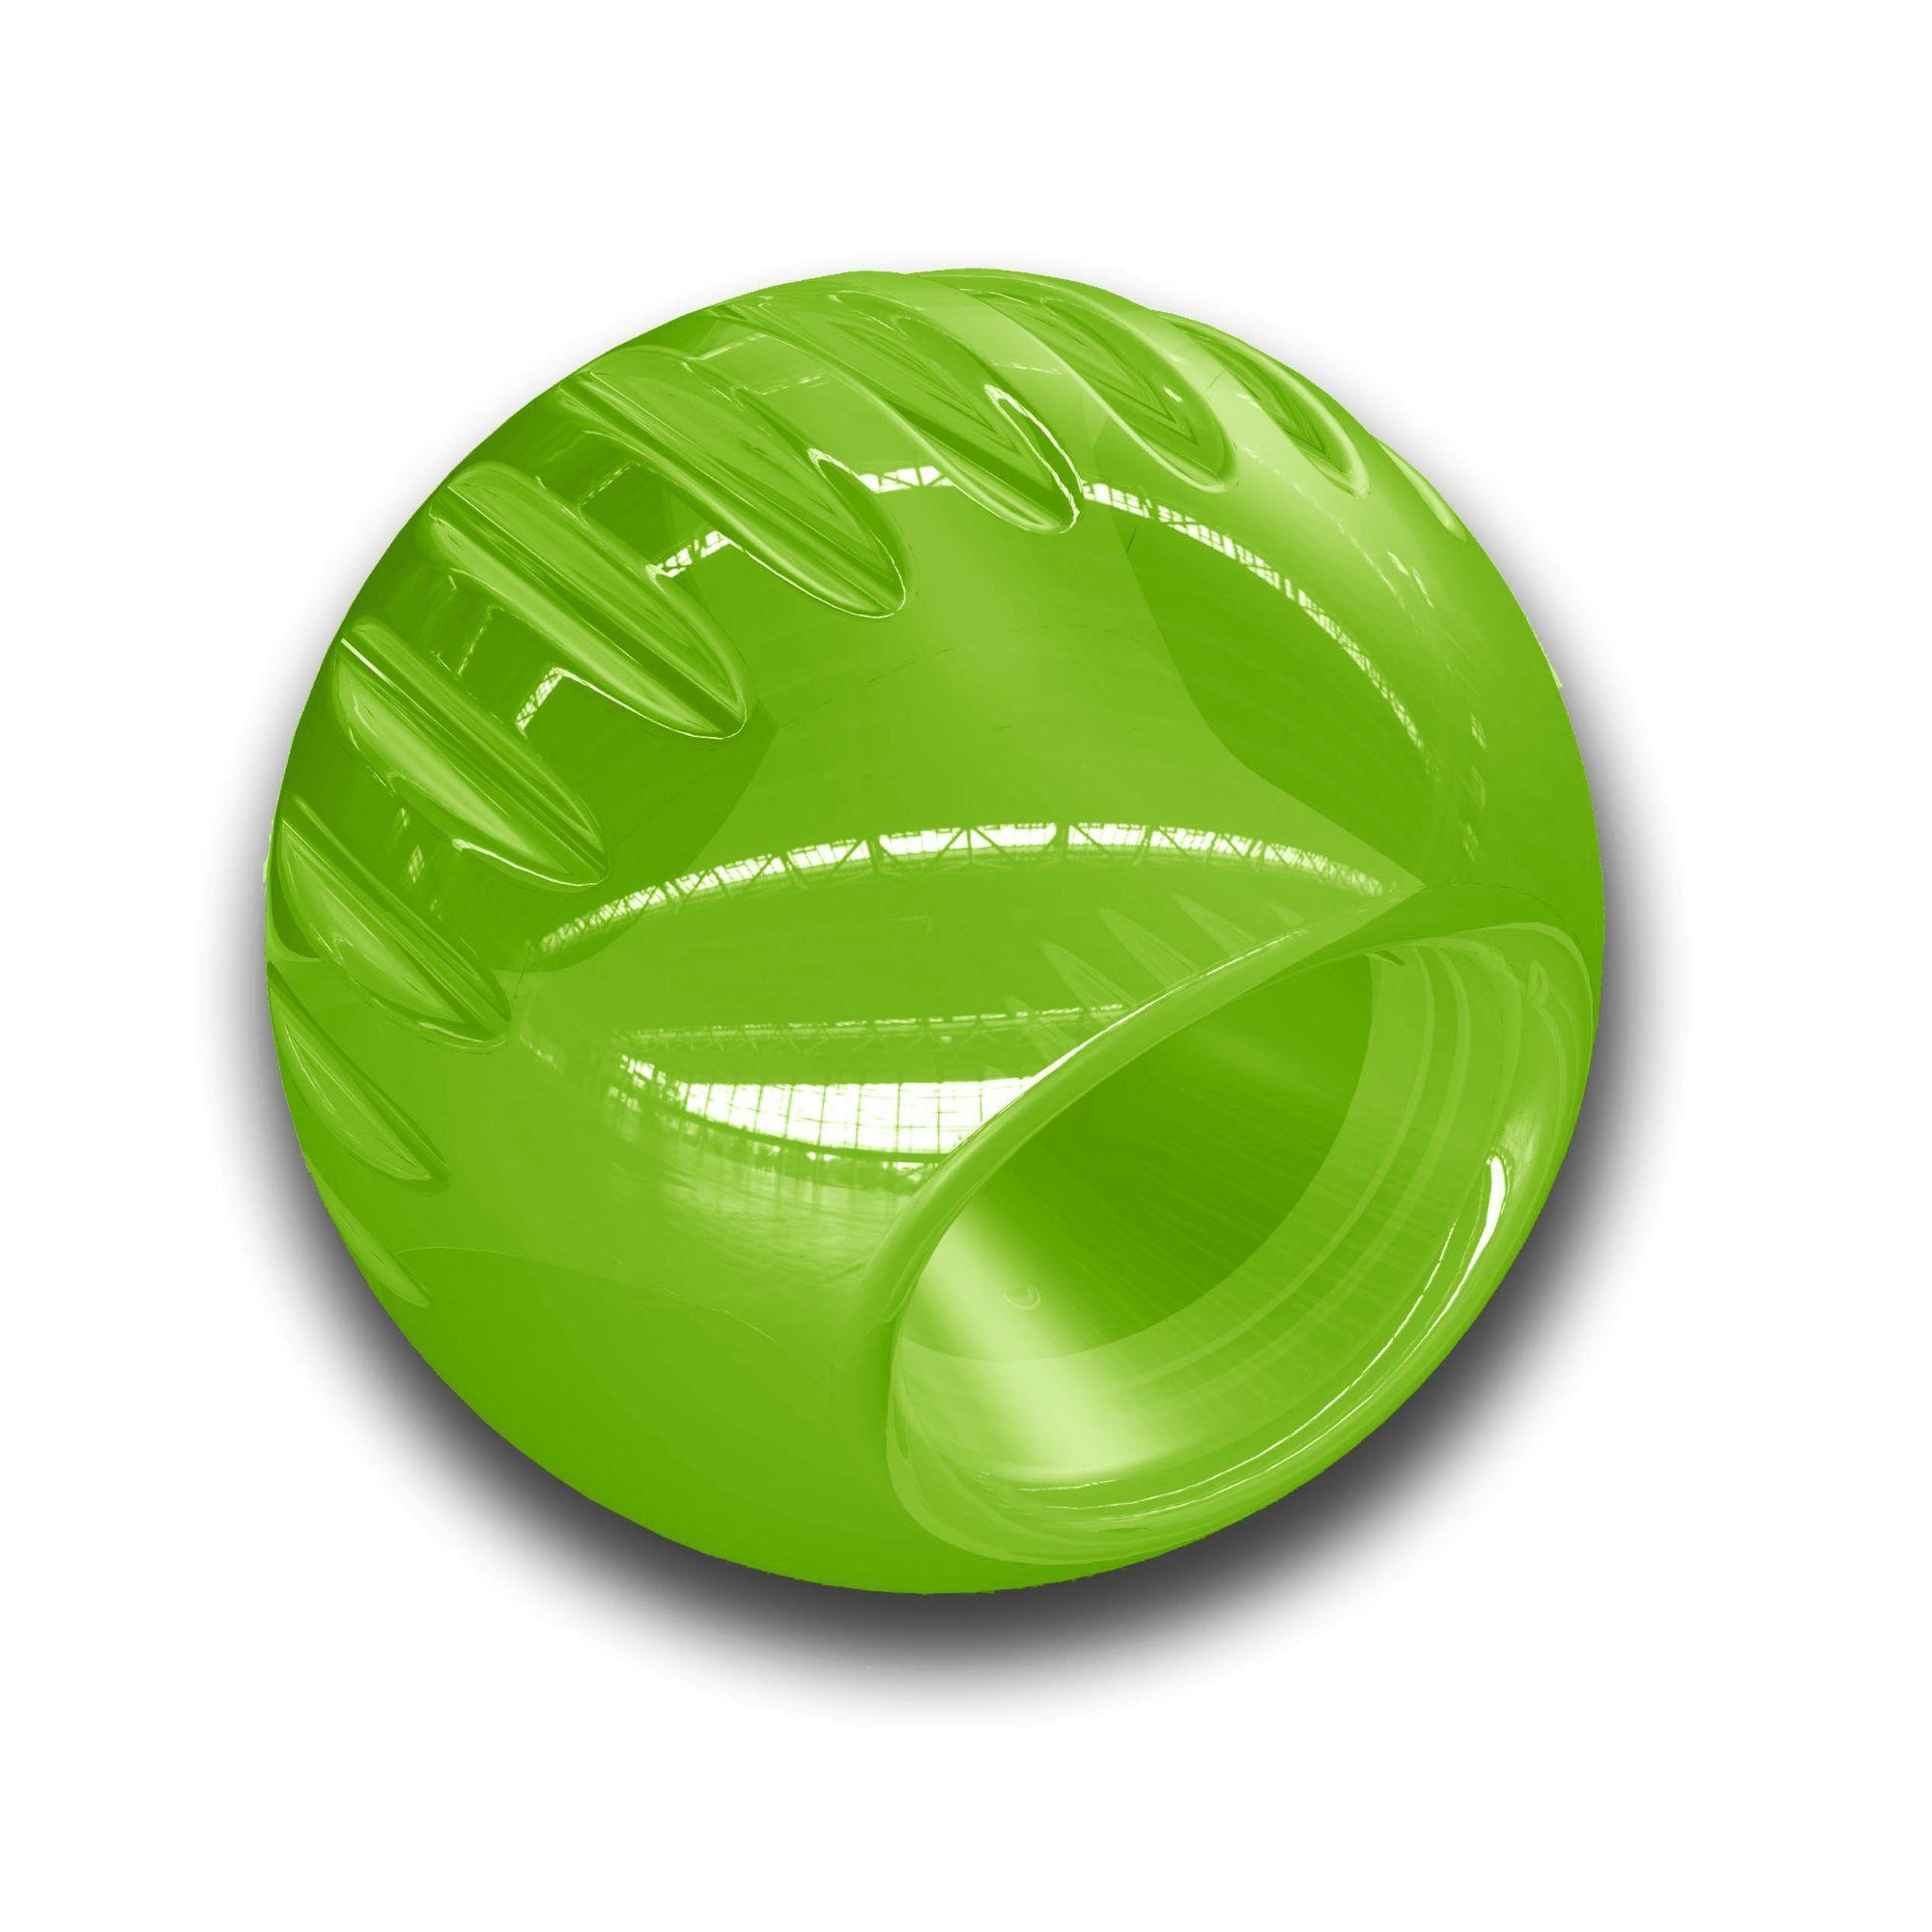 Bionic Translucent Green Ball Dog Toy Large Dog Toys Pet